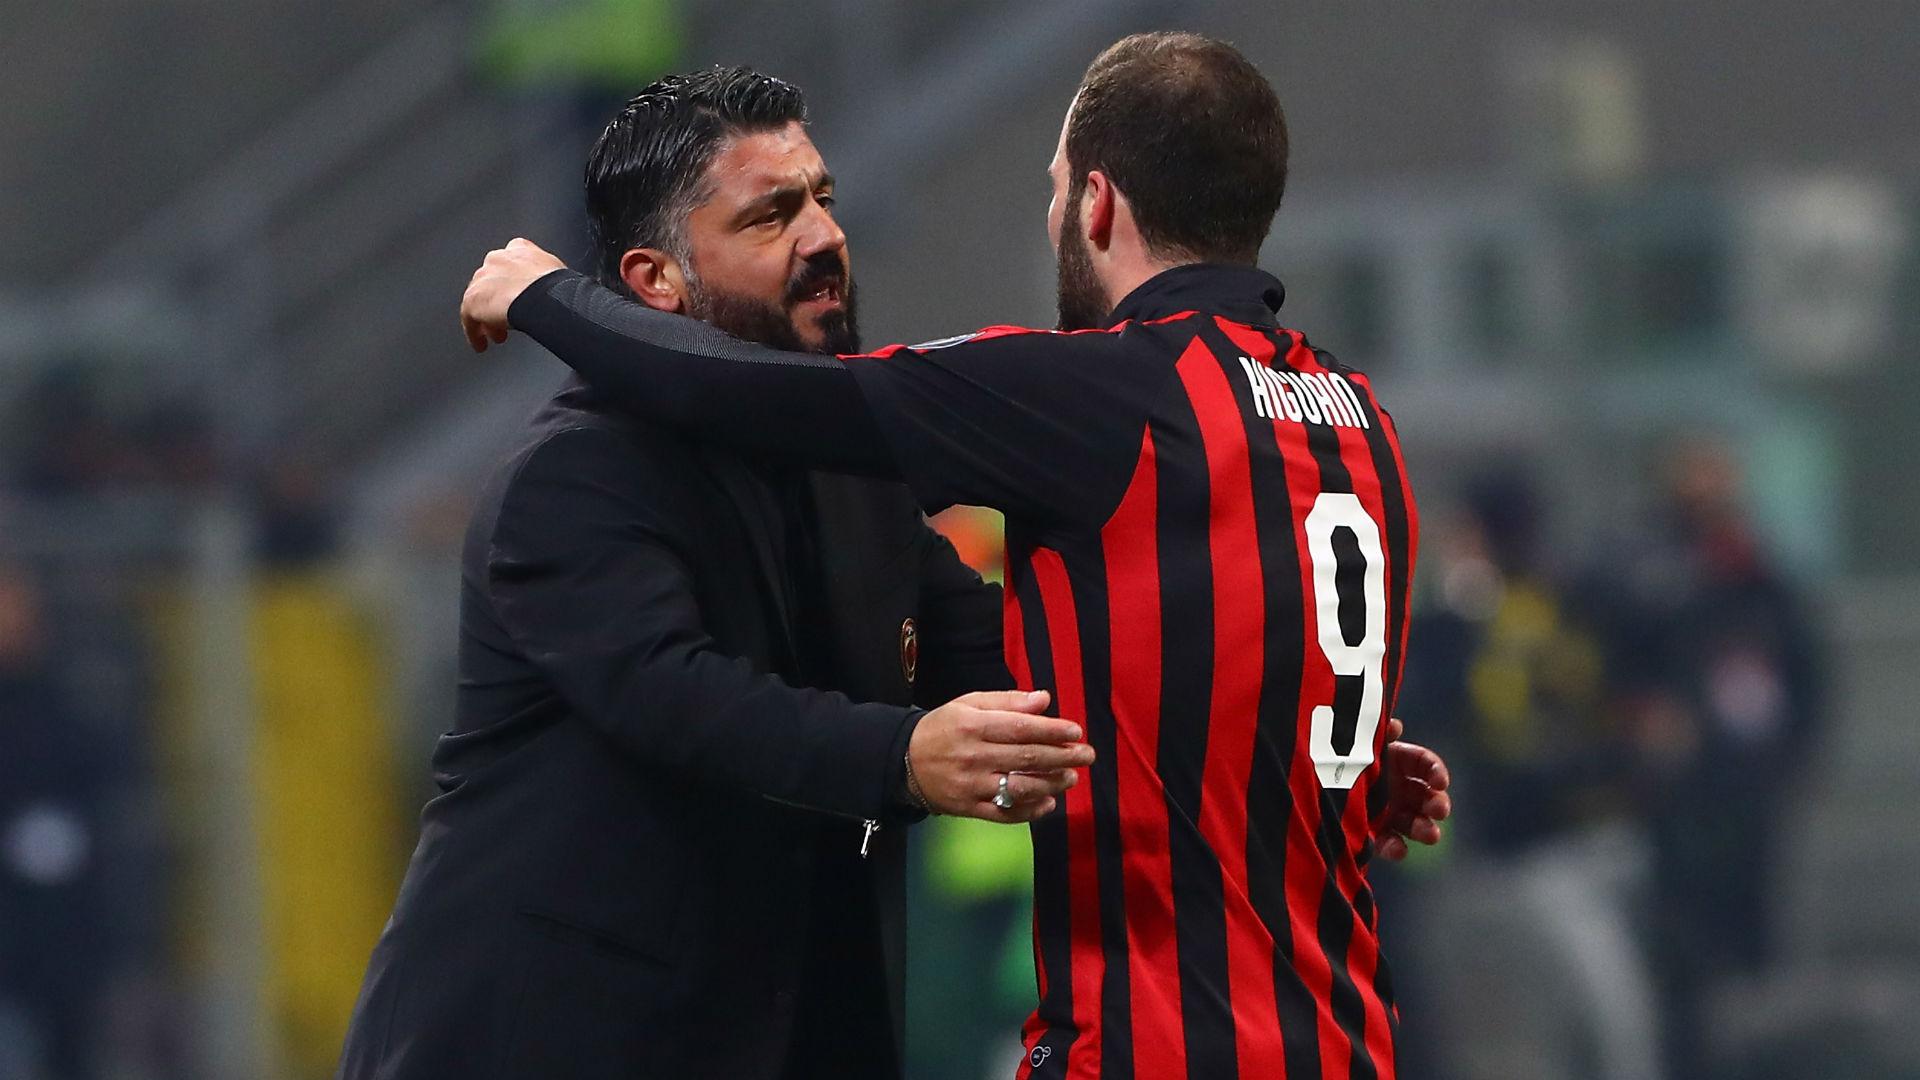 Gattuso : Gonzalo Higuain Telah Membuat Pilihannya